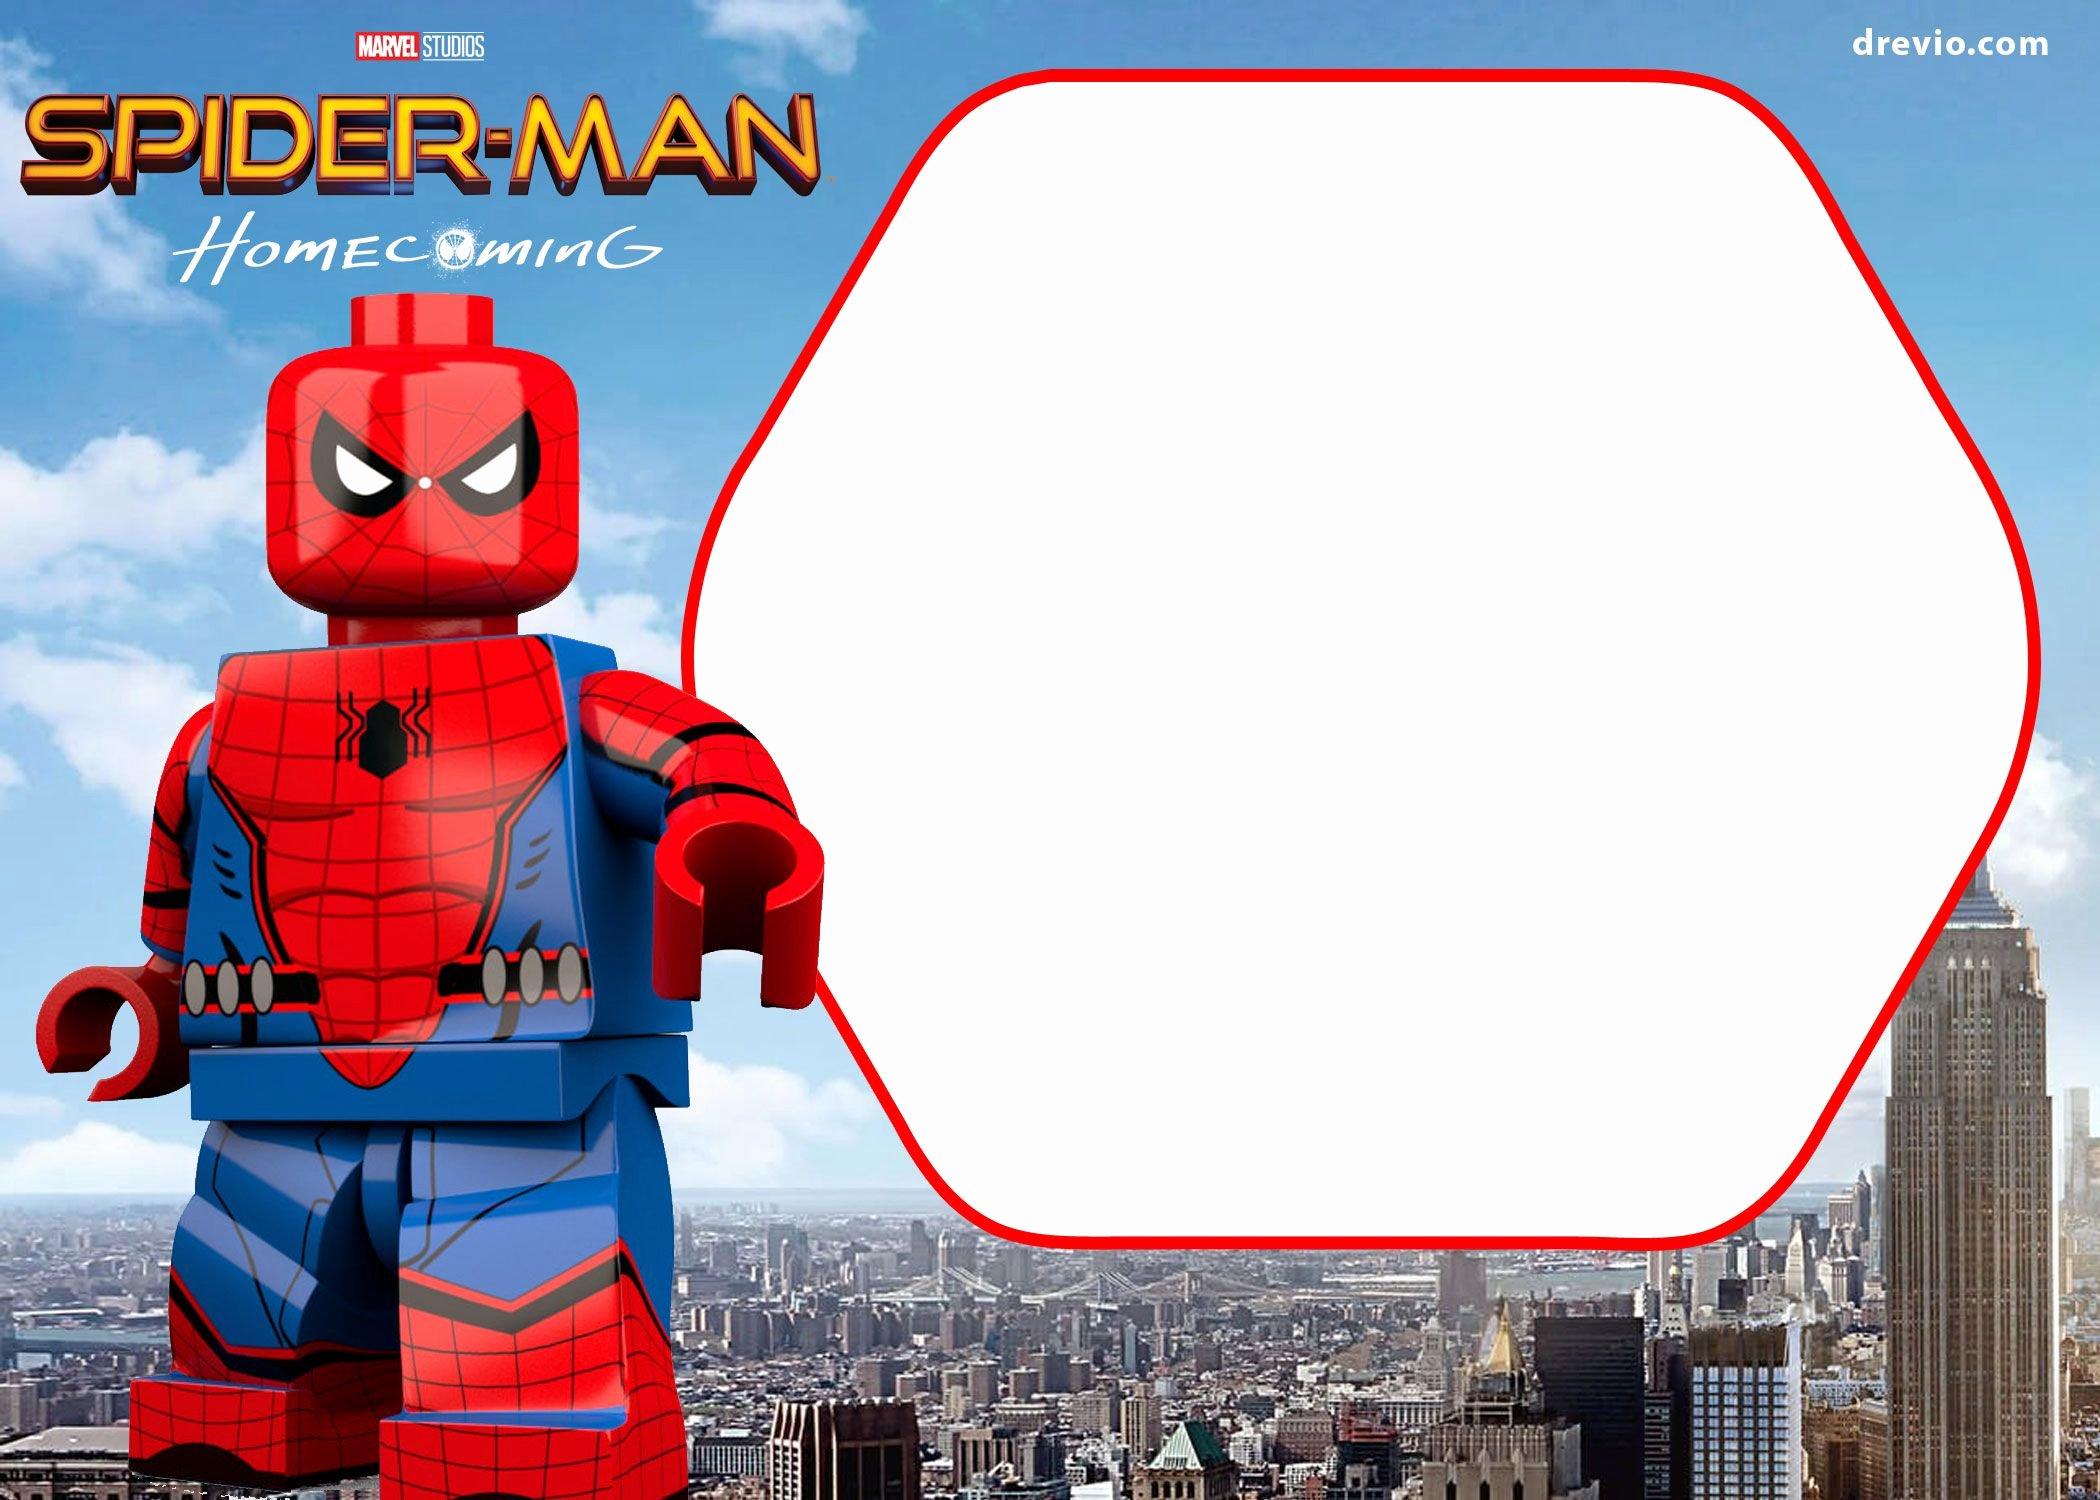 Free Spiderman Invitation Template Elegant Awesome Free Spiderman Home Ing Invitation Template